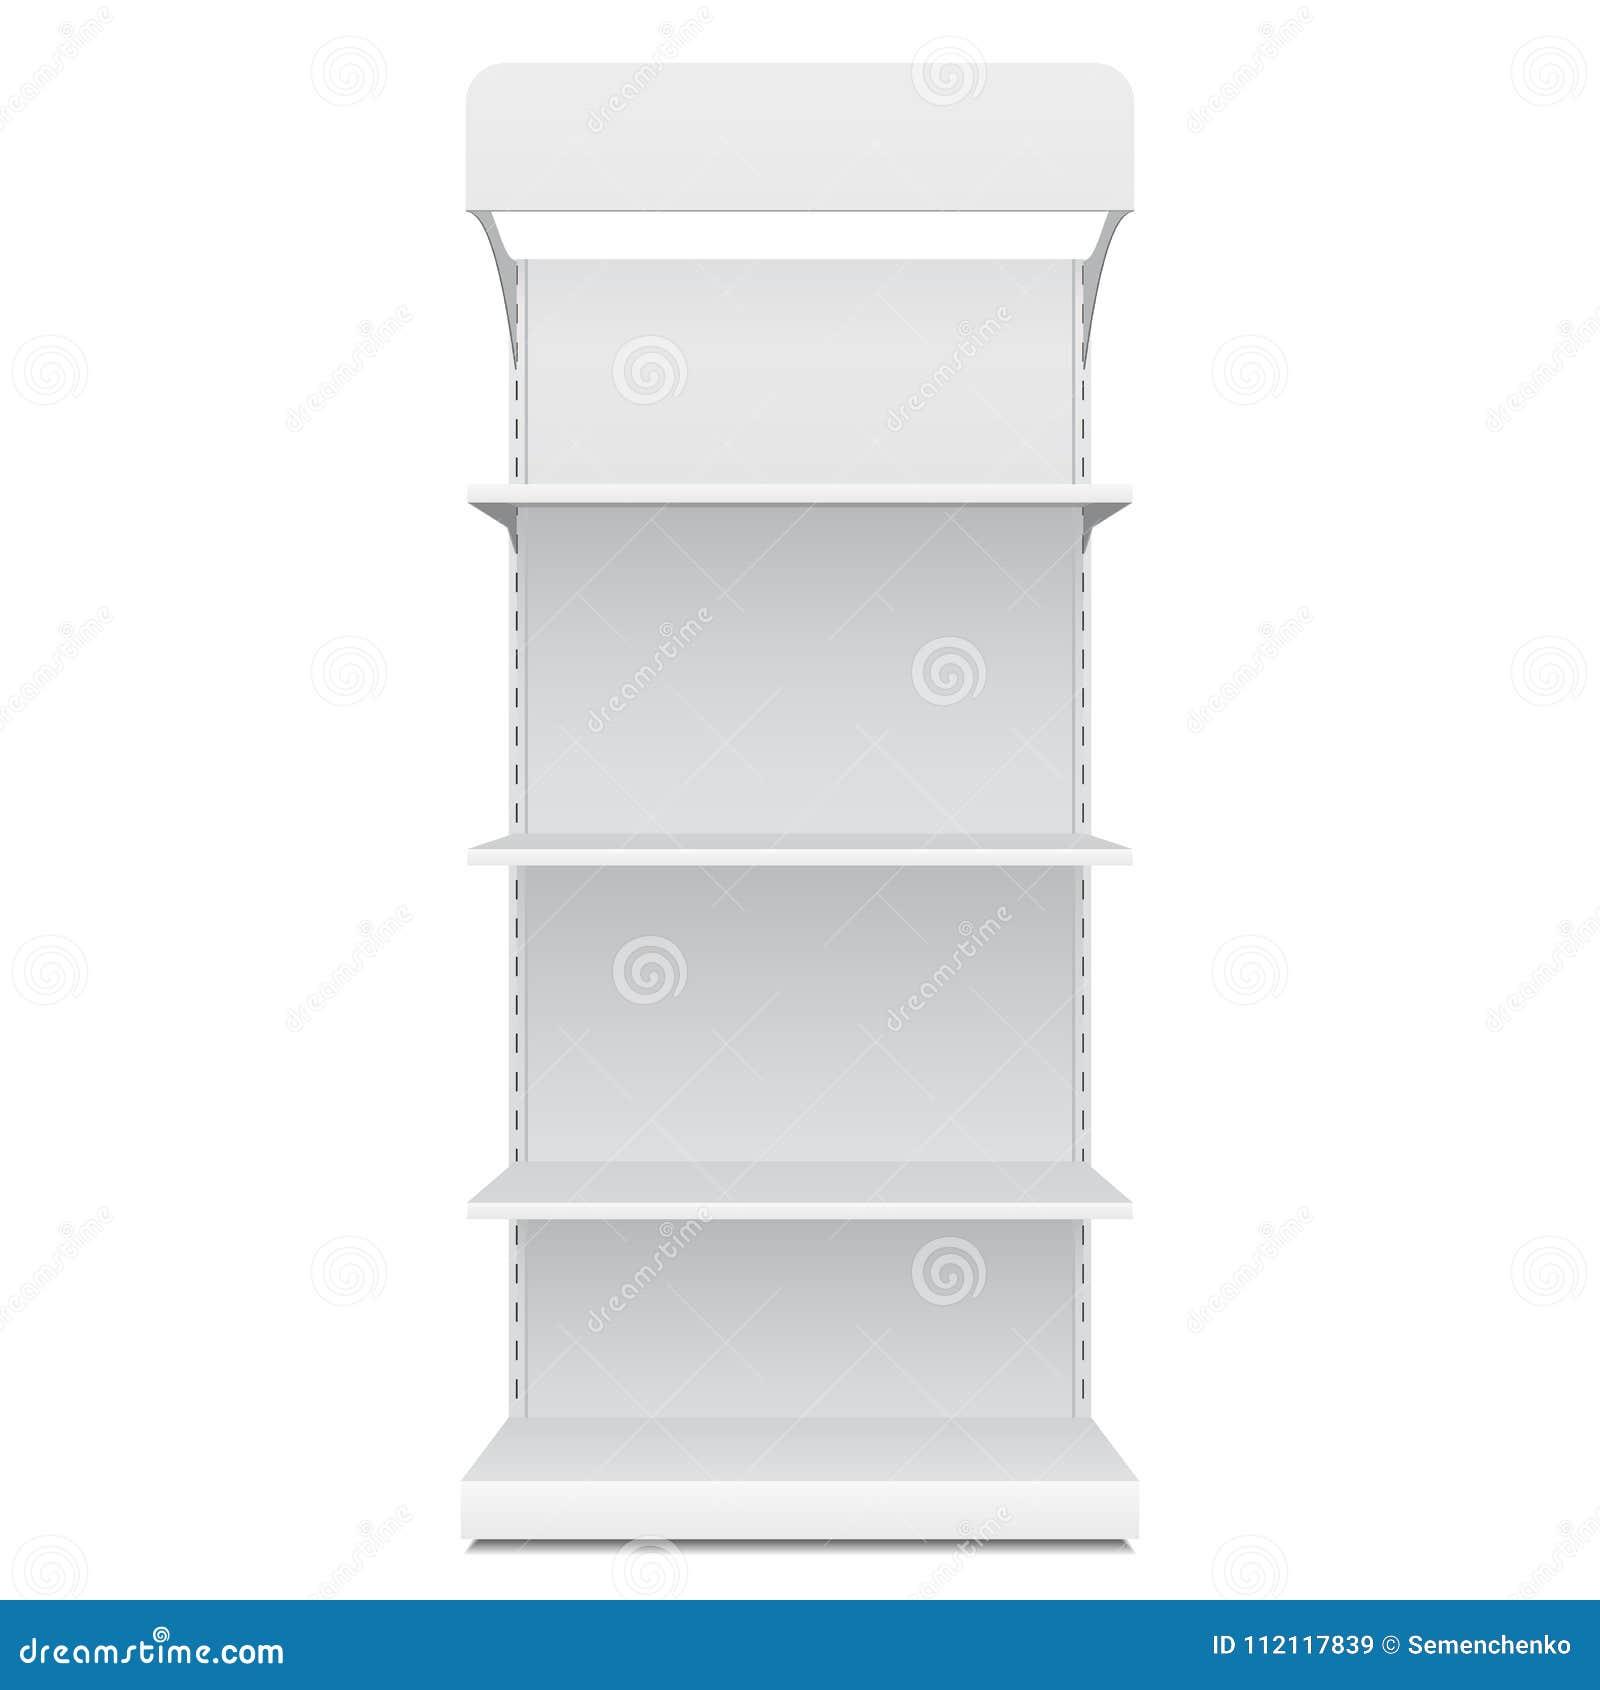 Exhibiciones vacías en blanco blancas del escaparate con los productos al por menor de Front View 3D de los estantes en el fondo